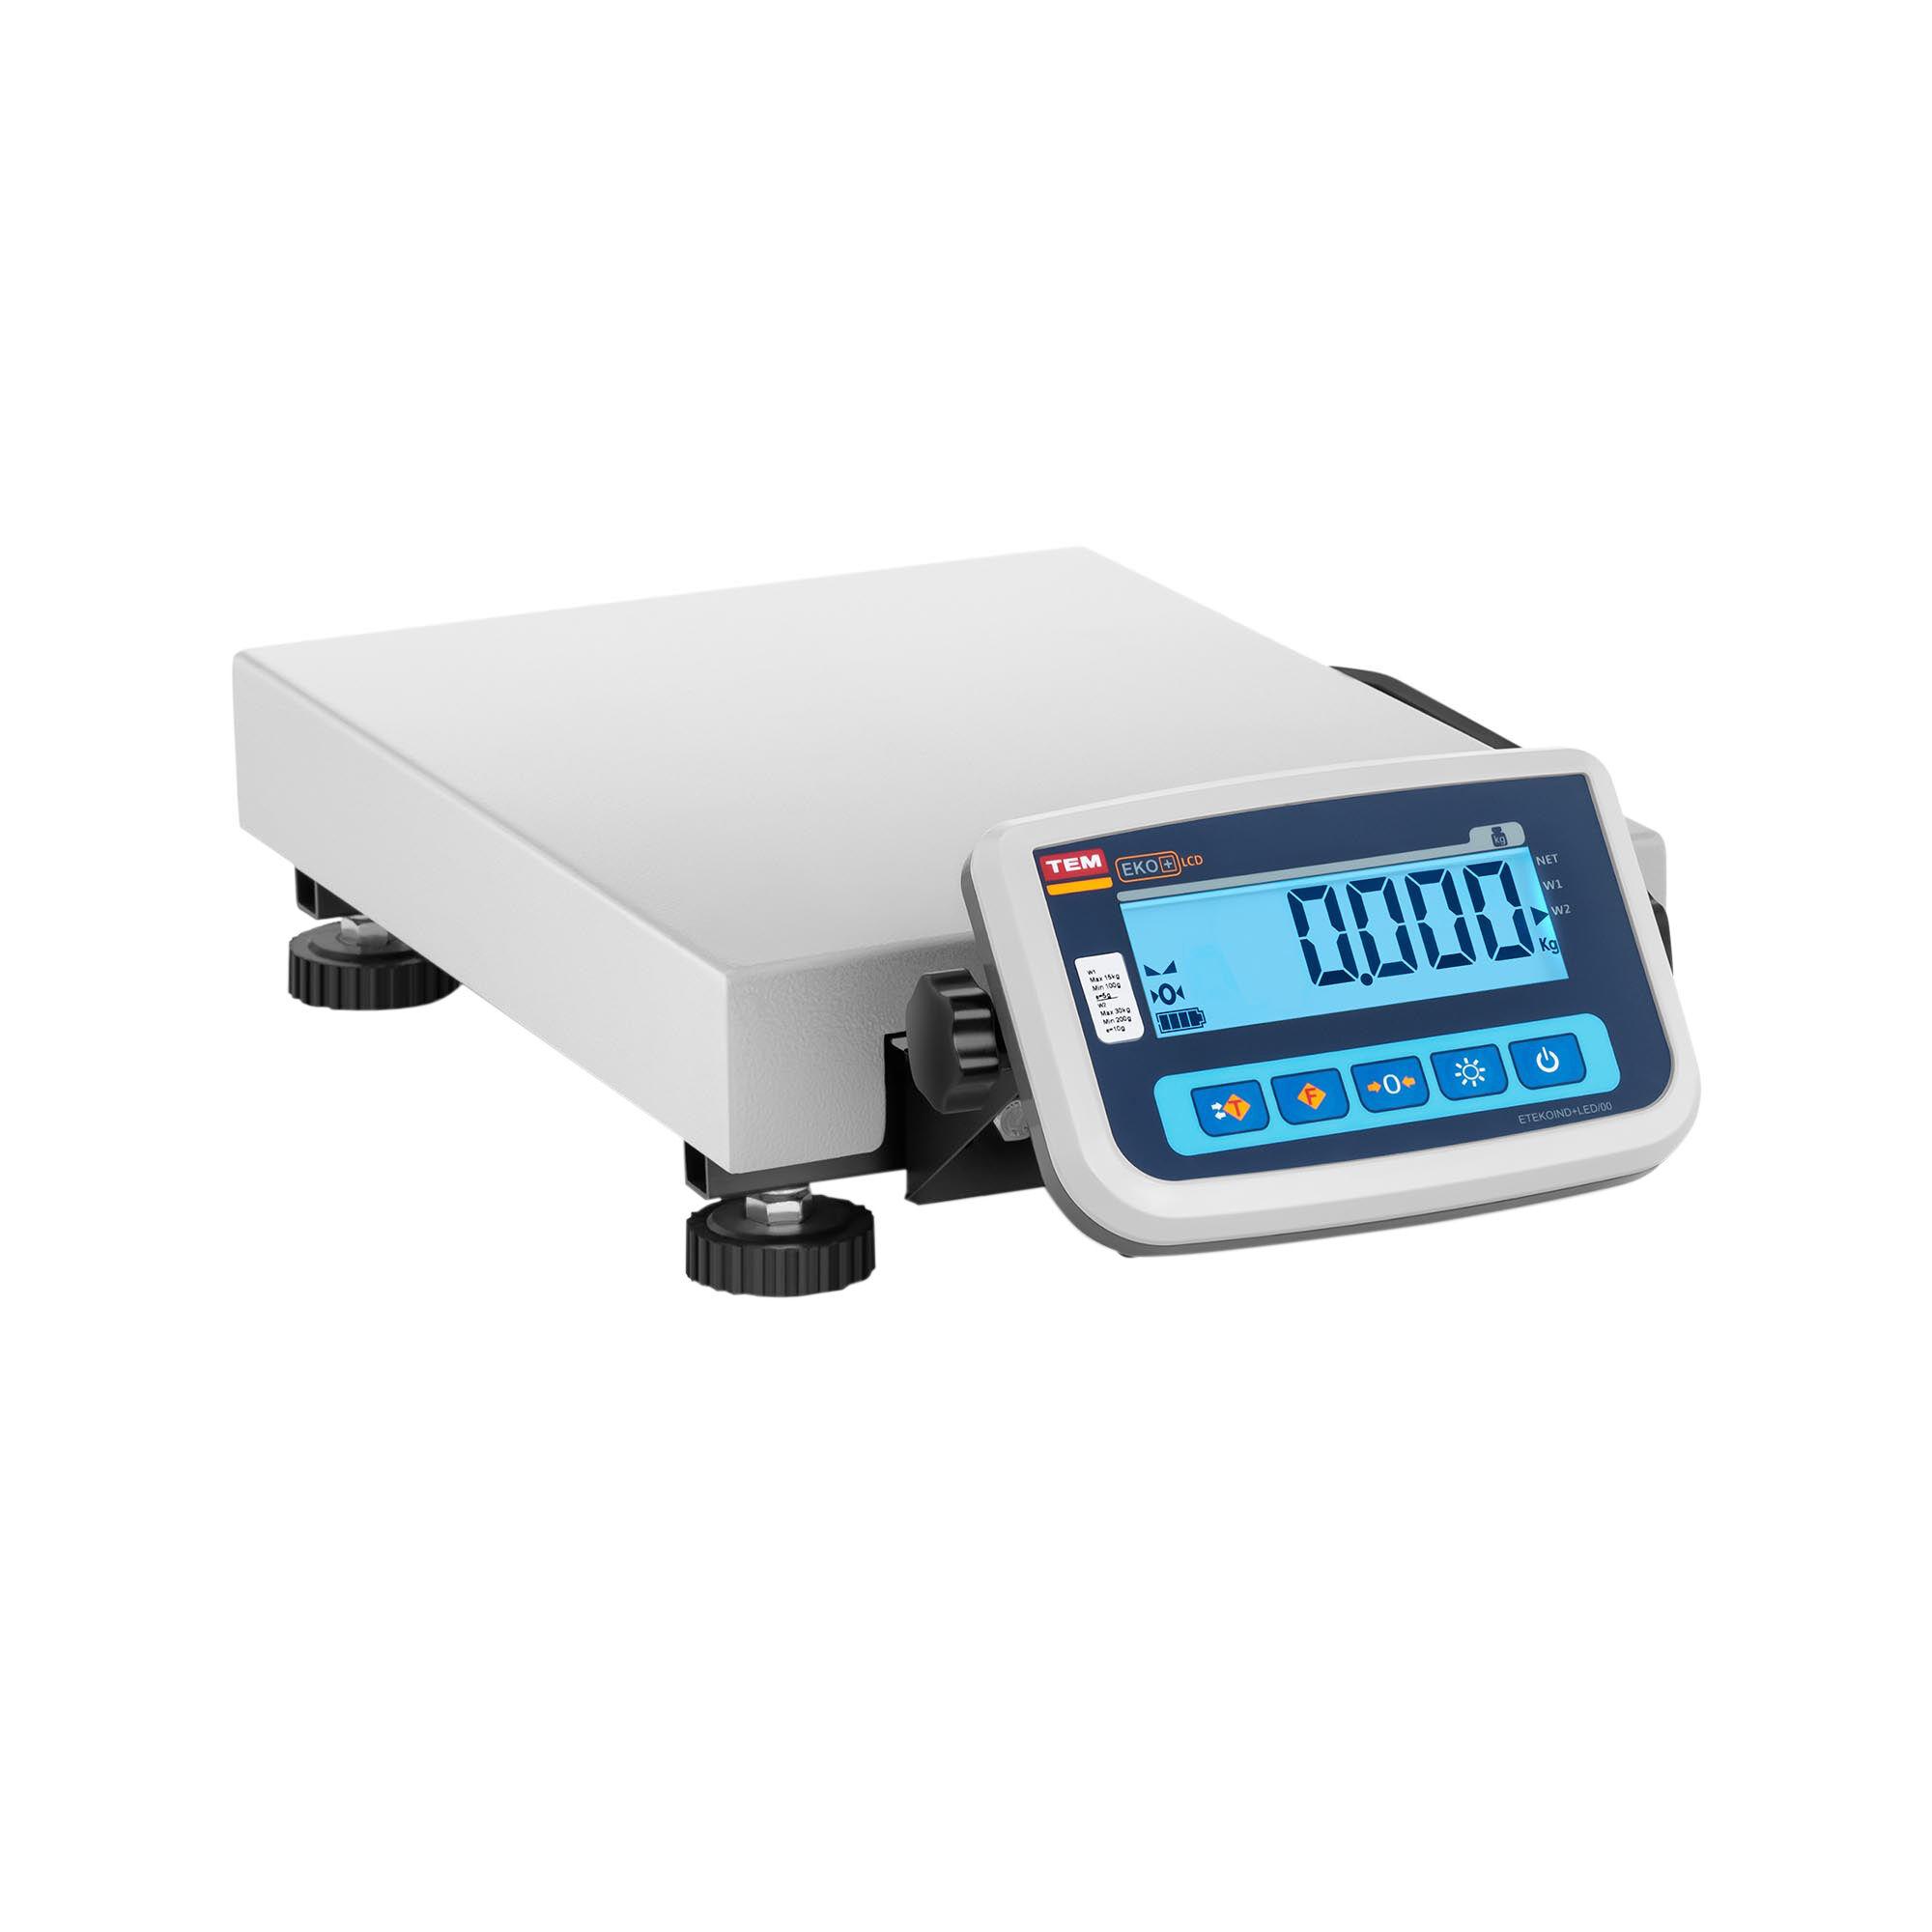 TEM Pakkevægt - certificeret - 30 kg / 10 g BEK+C030X040030-F-B1